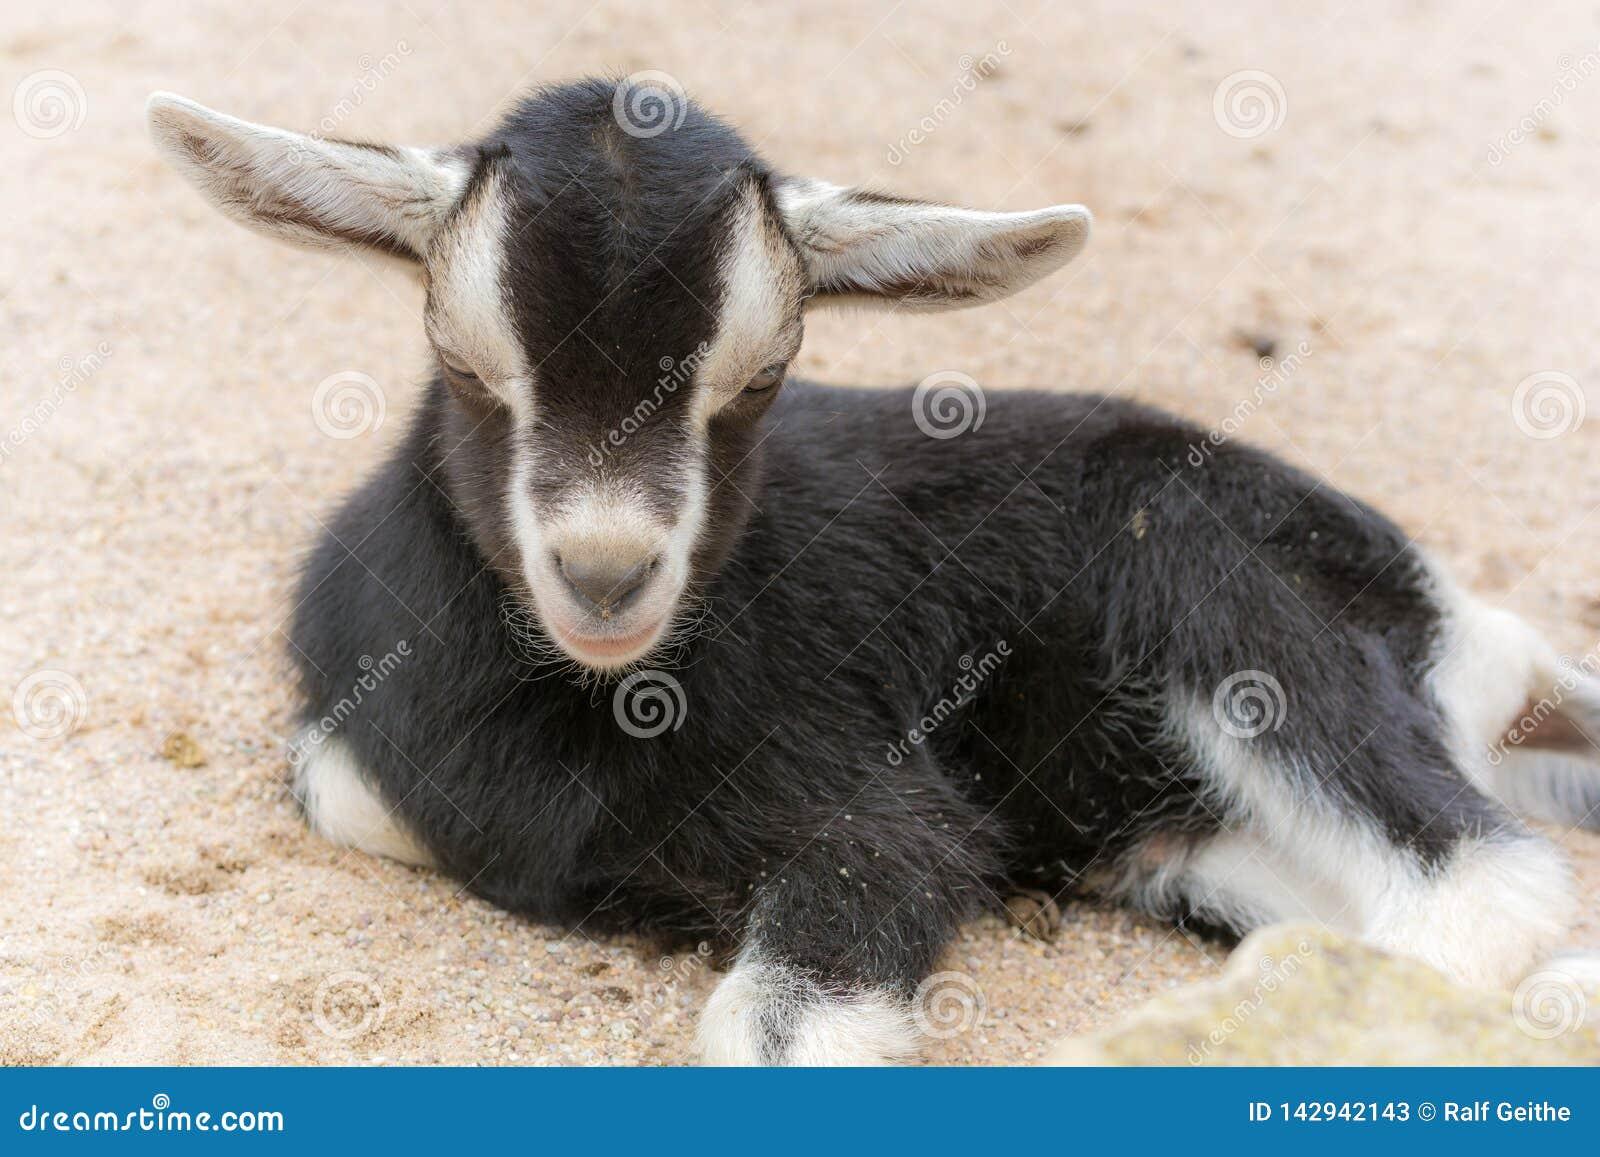 A cabra pequena encontra-se em uma exploração agrícola na terra arenosa